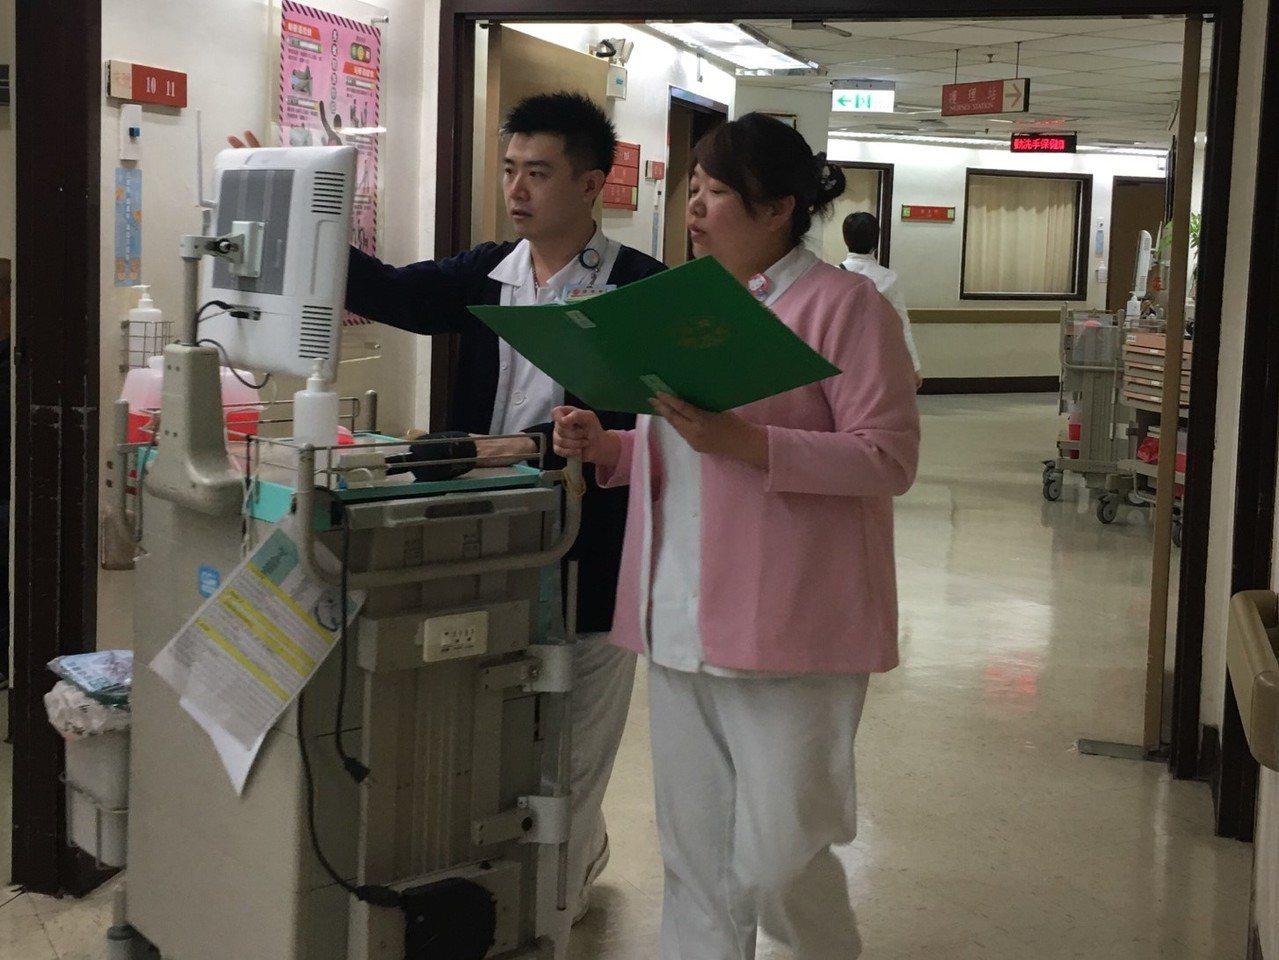 台北榮總的姊弟護理檔葉子安(右)及弟弟葉佳翰(左)。記者鄧桂芬/攝影